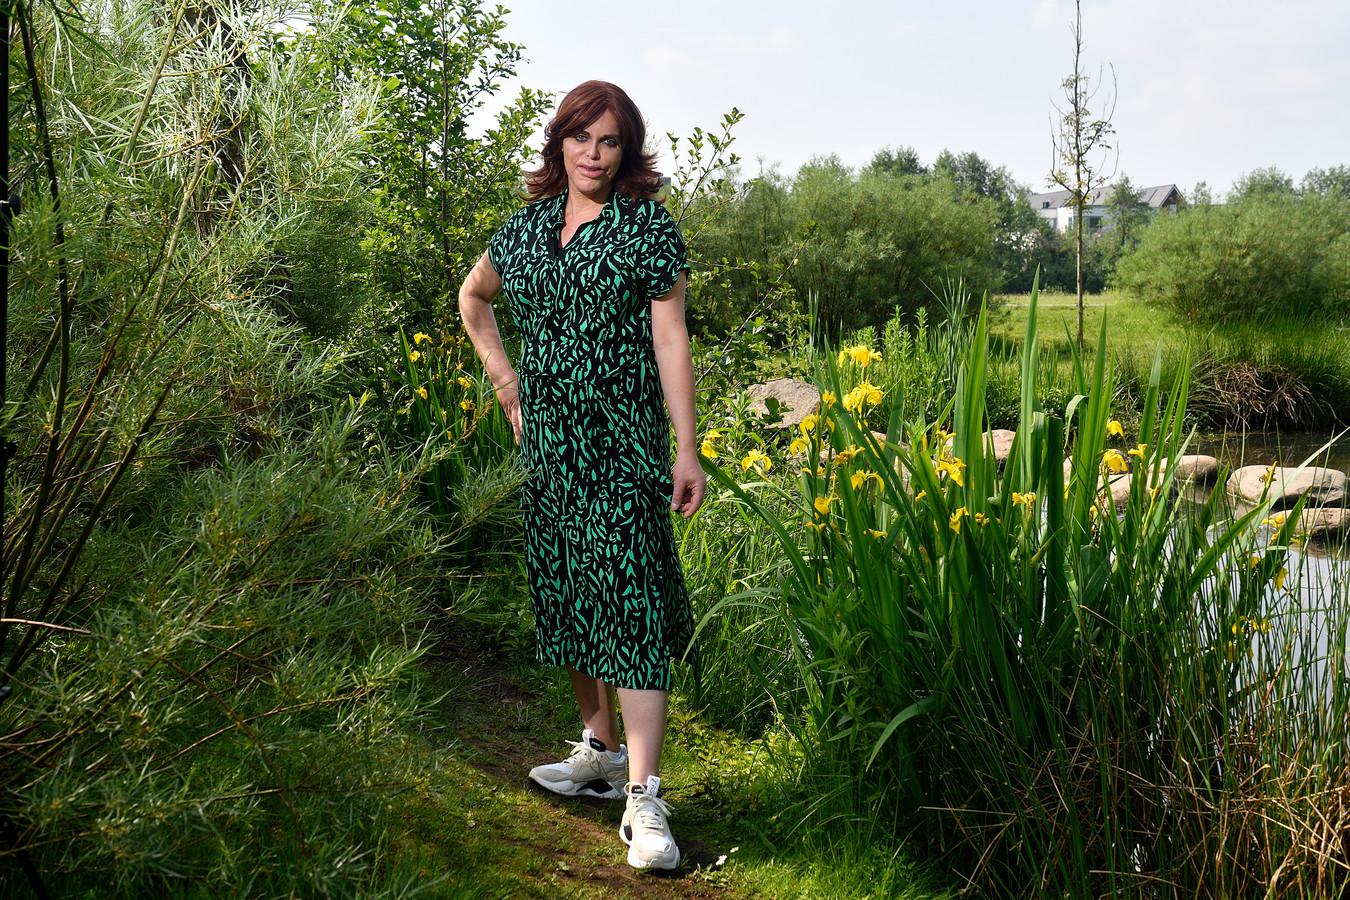 Jana van Beek in het groene hart van Vathorst, haar woonwijk. ,,Ik moet accepteren dat sommige schade aan mijn lichaam blijvend is.''